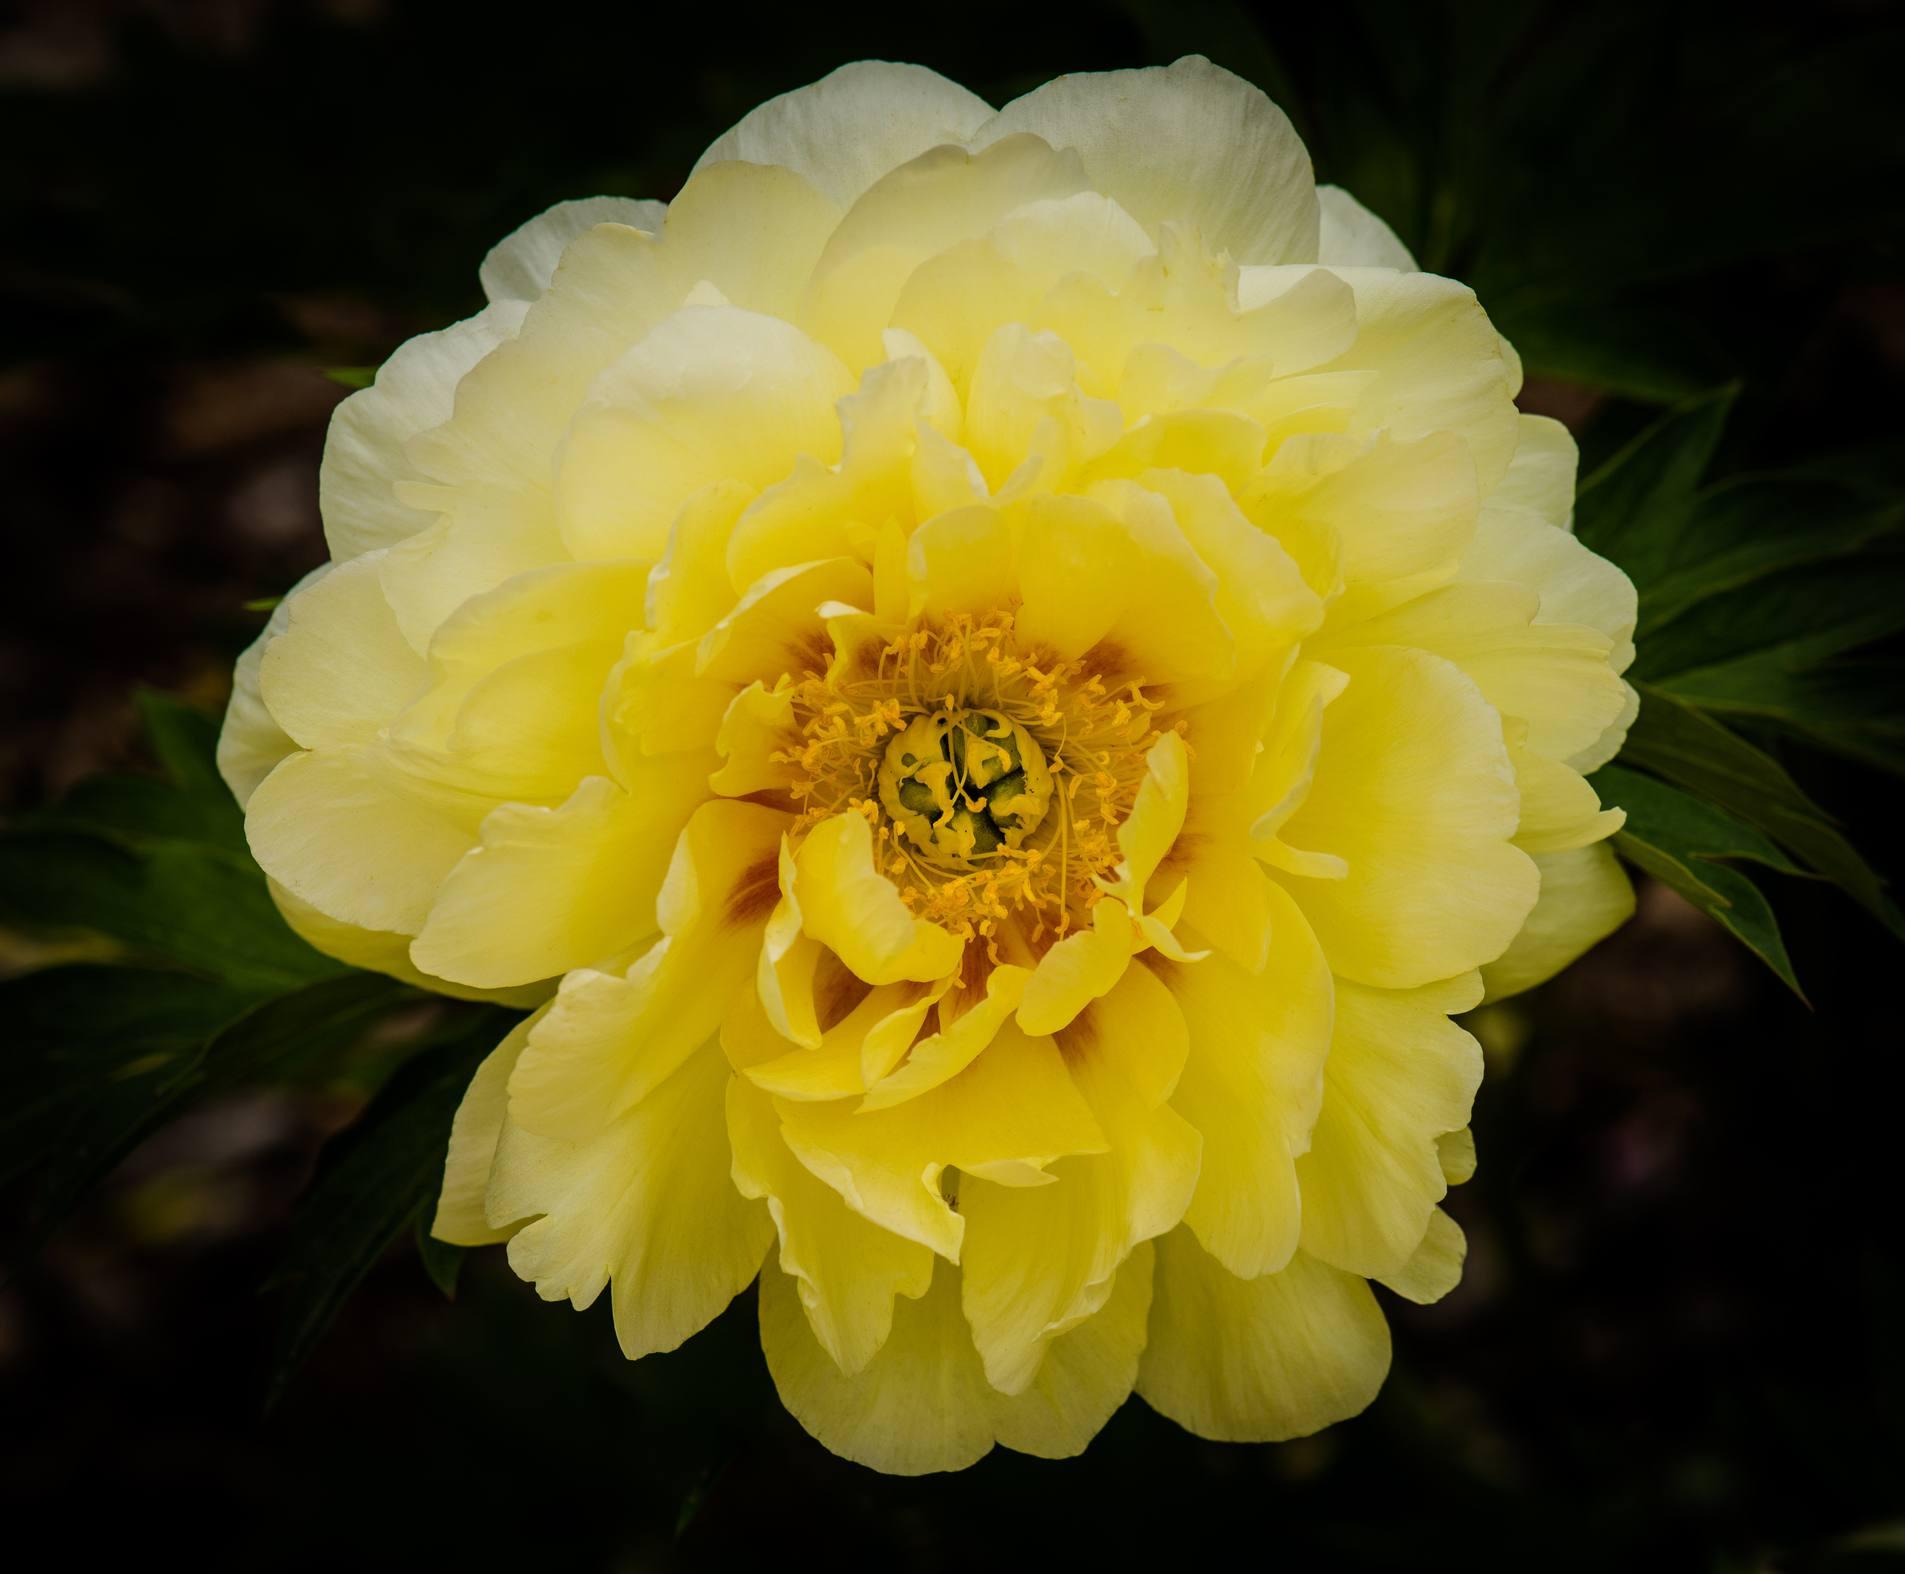 Flor amarilla de peonía arbórea , Planta de yuca con filamentos que salen de sus hojas